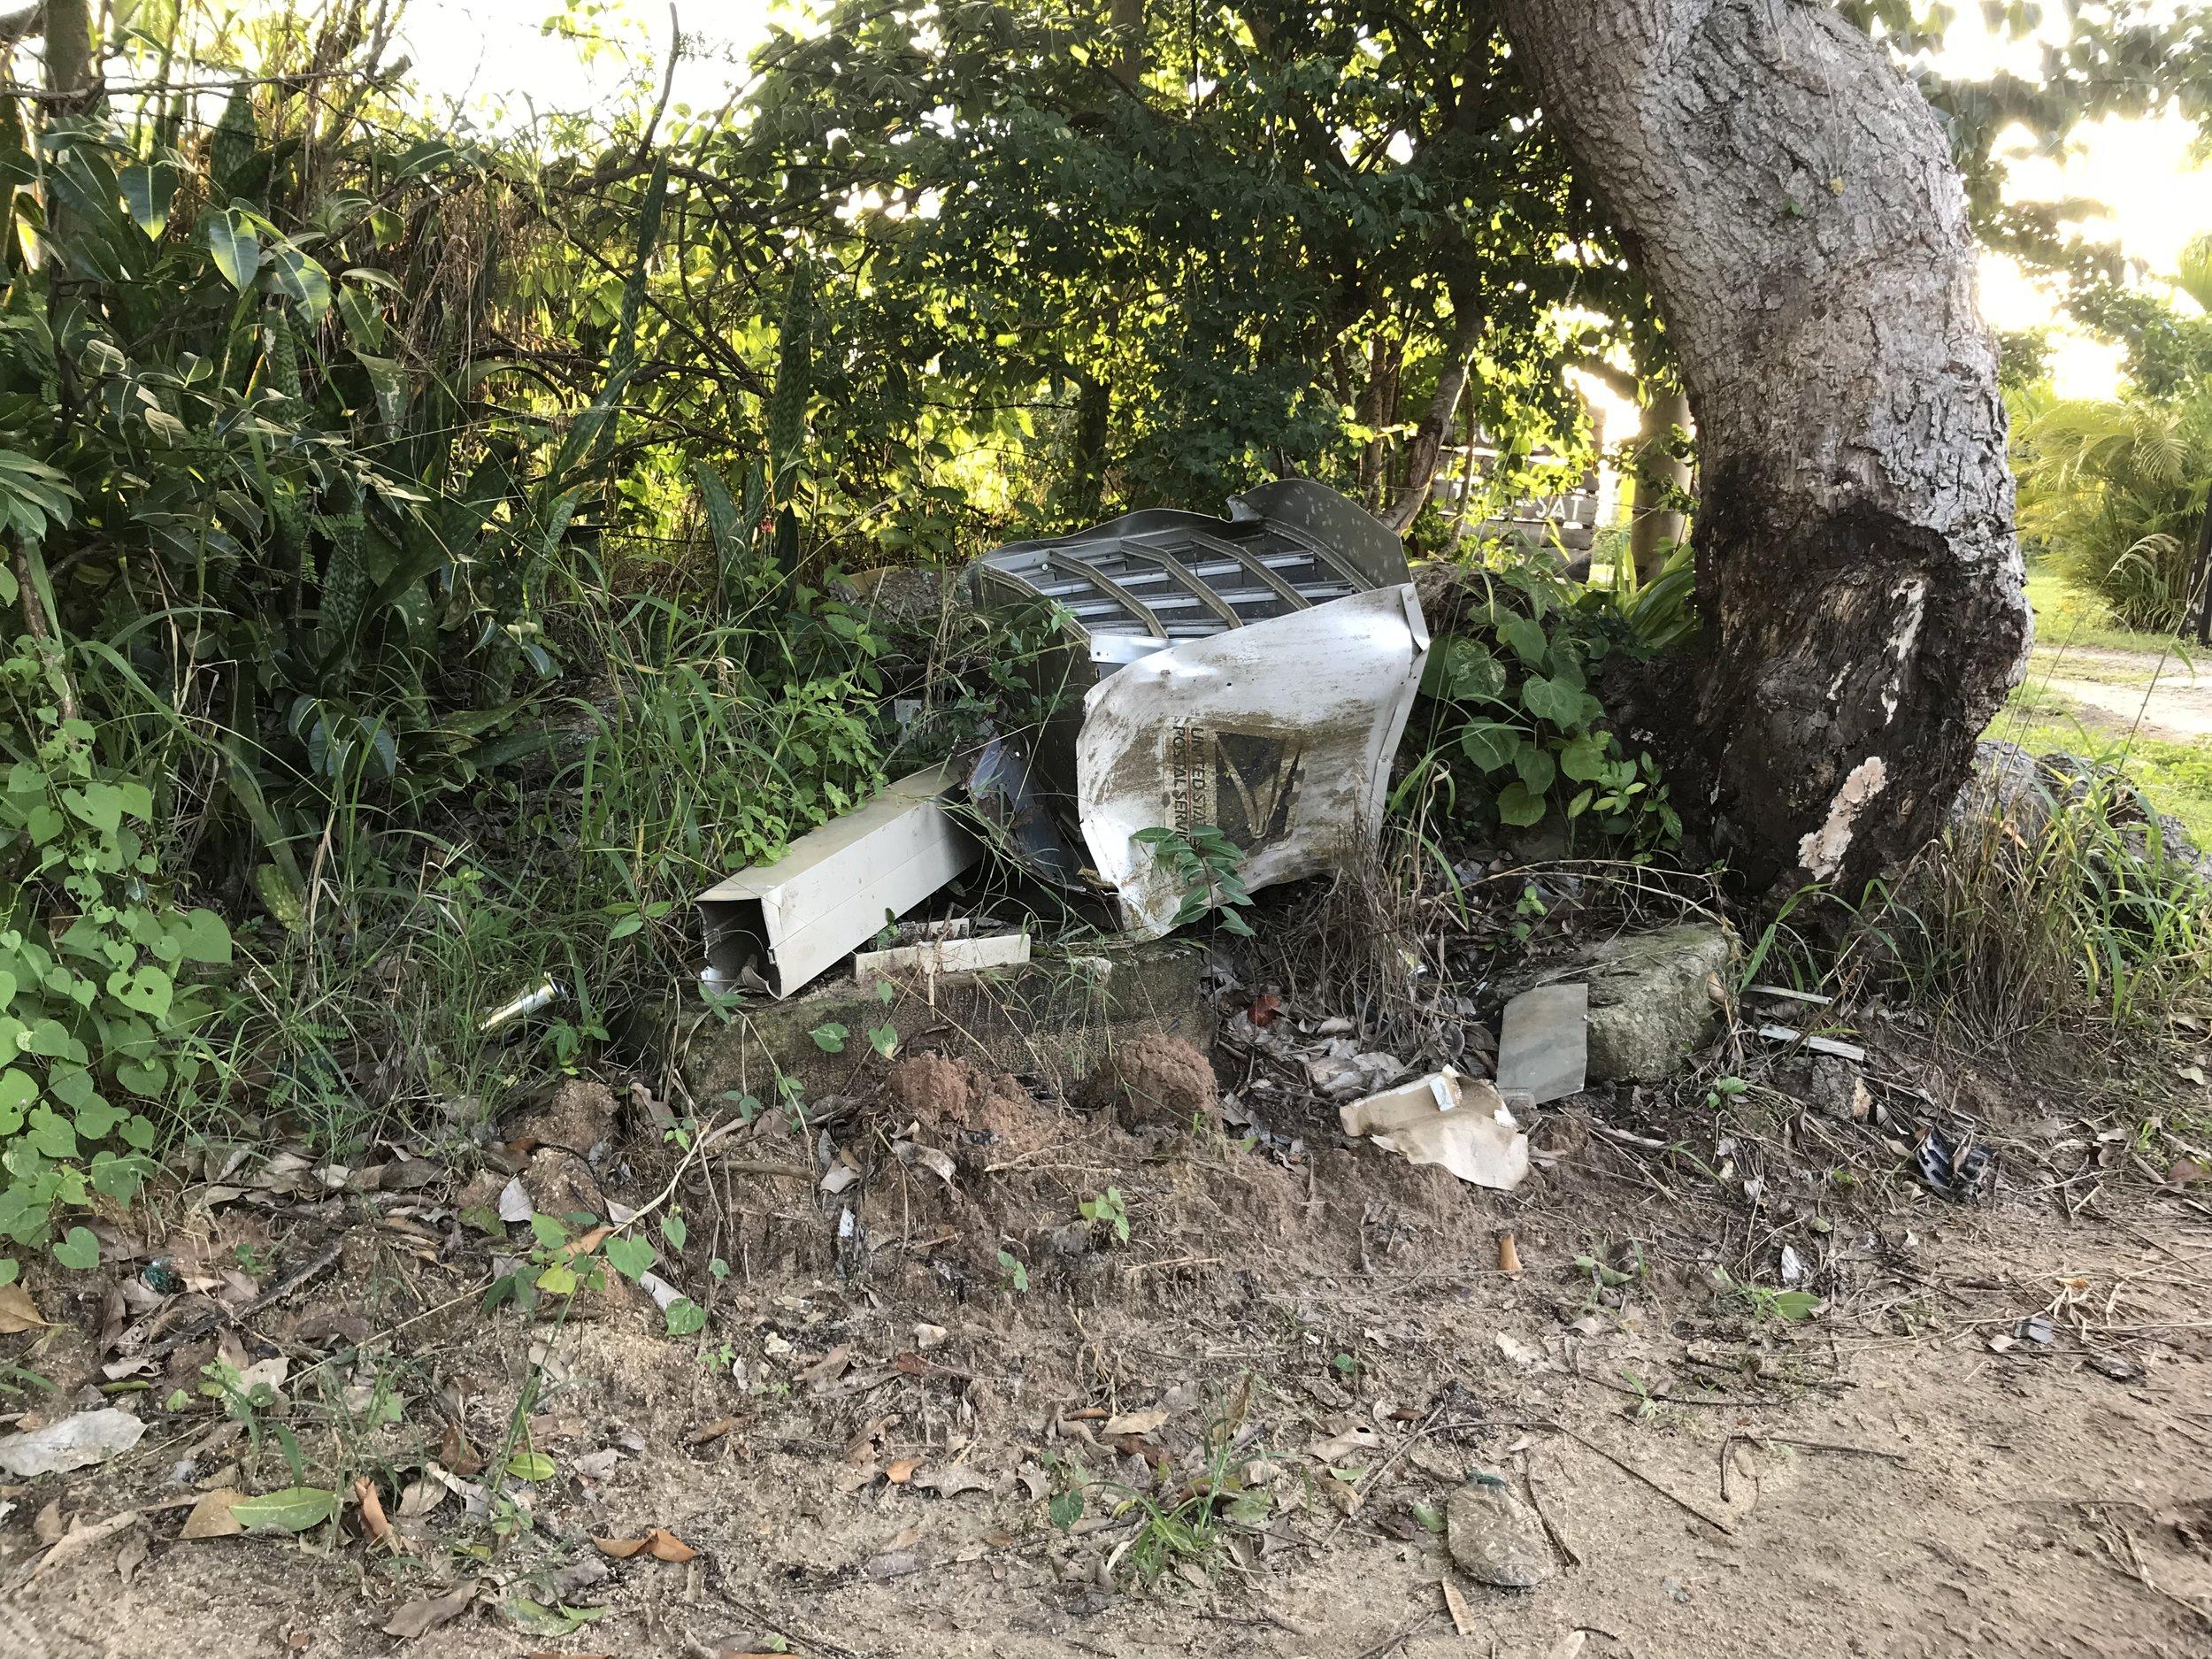 USPS mail box